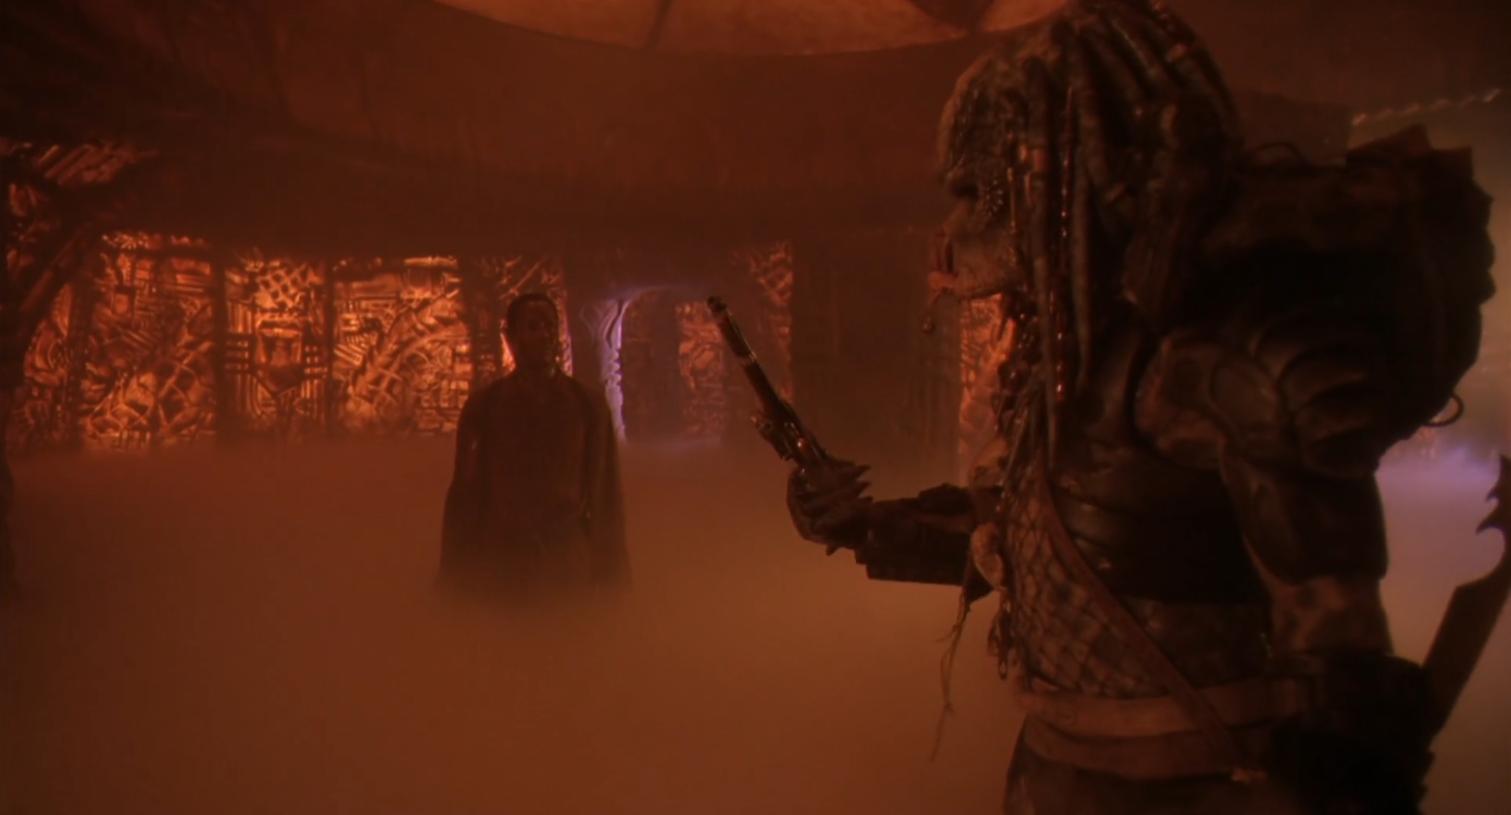 ผลการค้นหารูปภาพสำหรับ predator 2 scenes danny glover ending